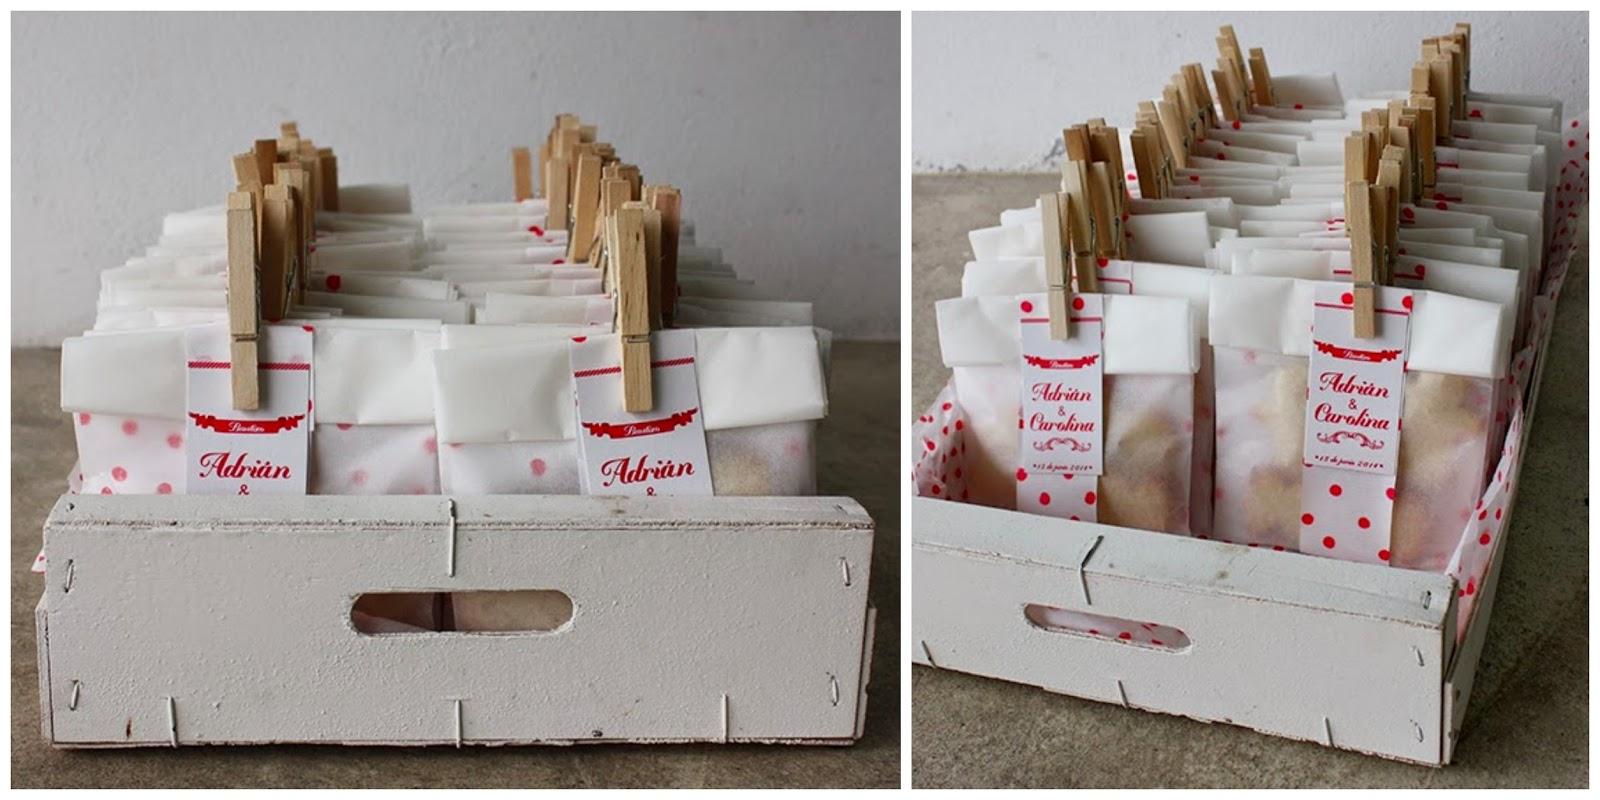 2 formas de reciclar cajas de fresas - Cajas de fresas decoradas paso a paso ...